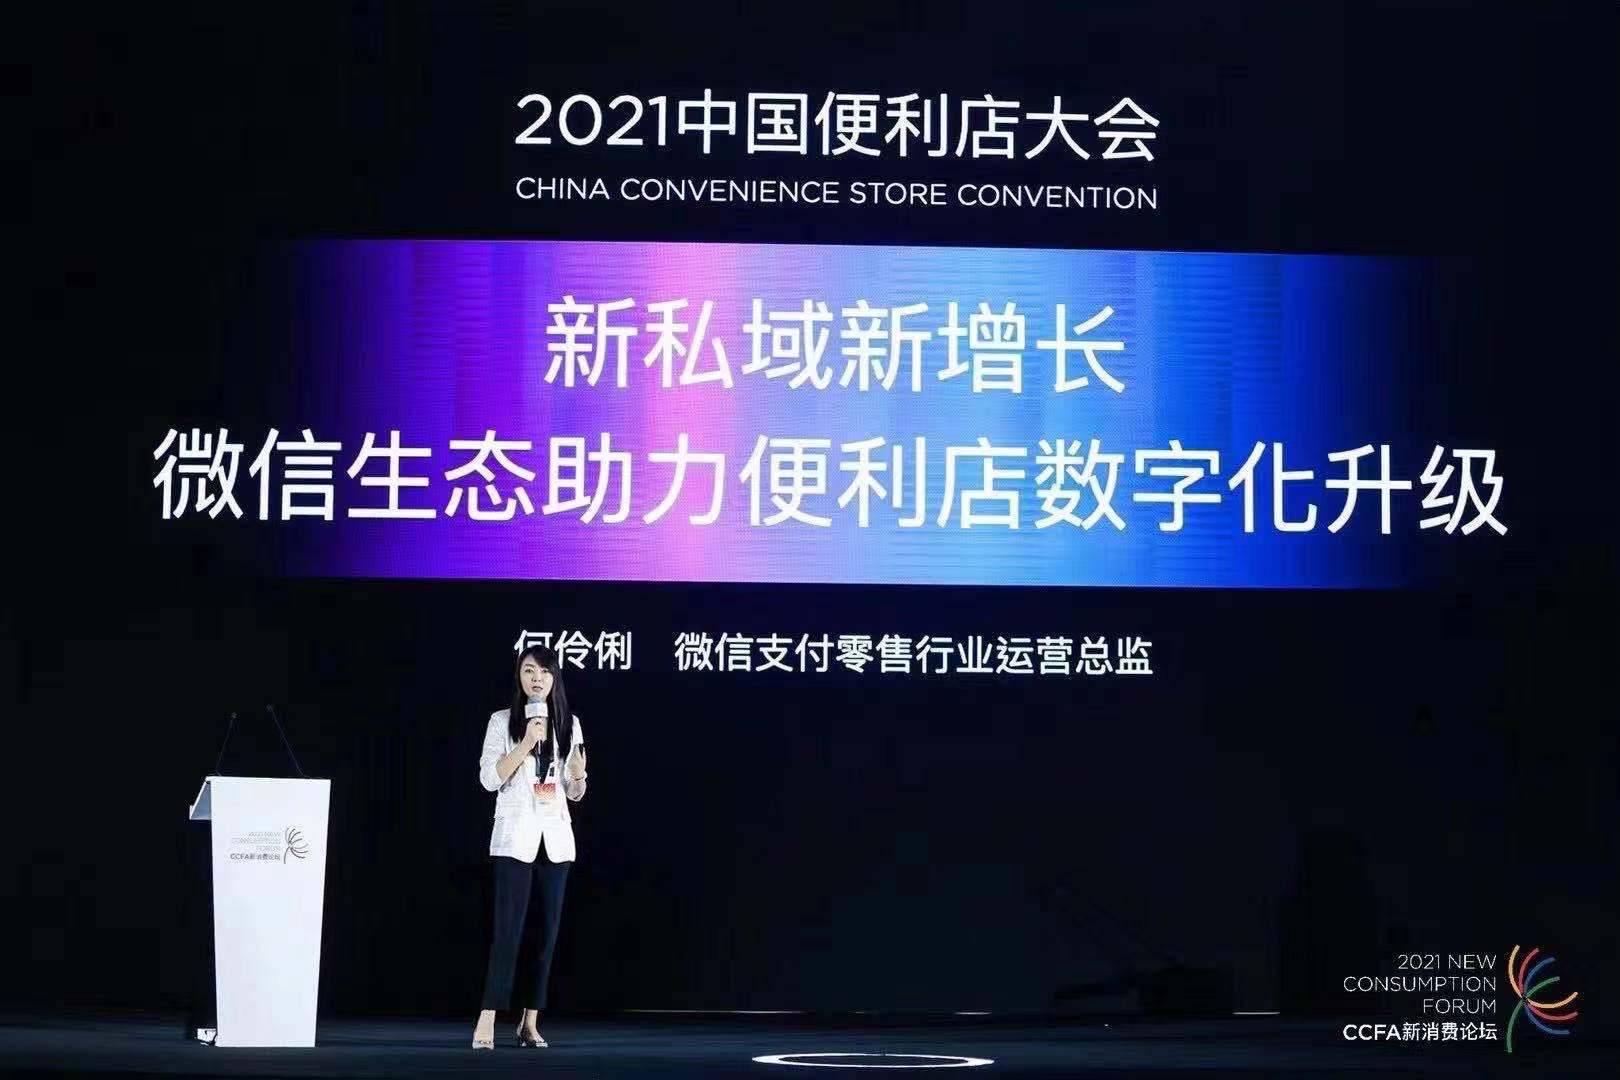 微信支付亮相2021中國便利店大會,全生態數字化升級助力新私域與新增長